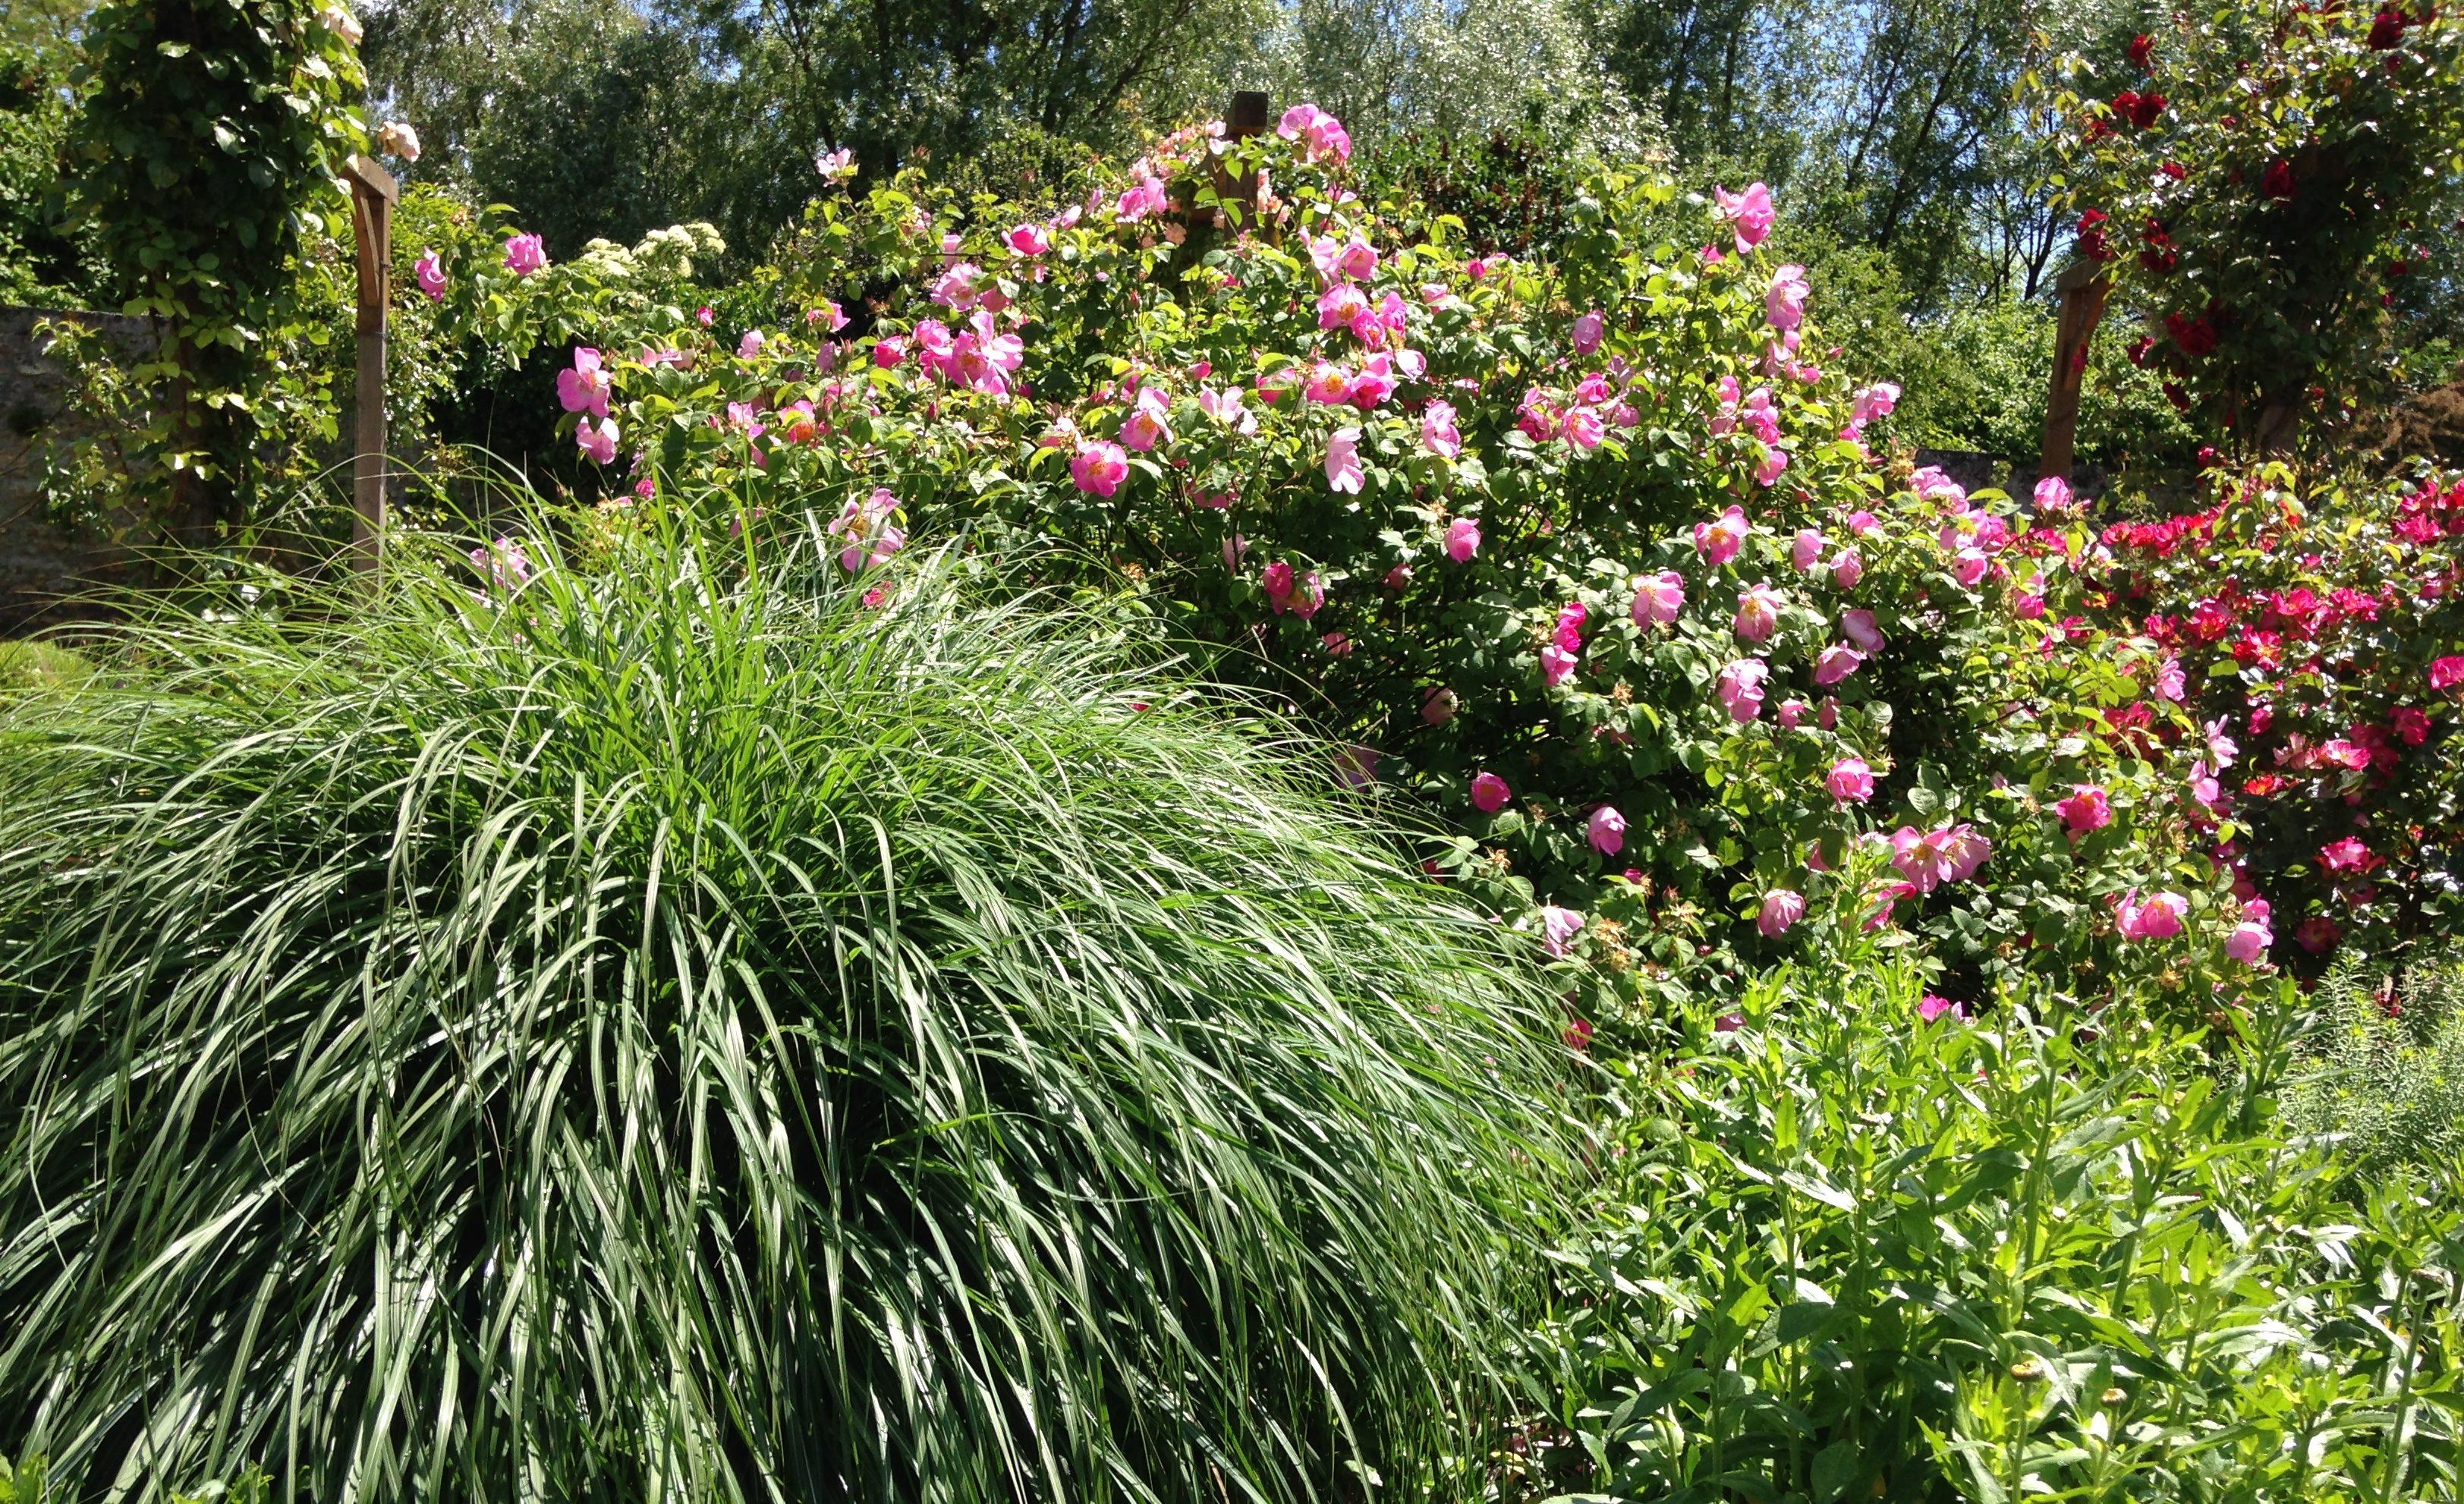 Les rosiers ont de nombreux atouts pour les jardiniers amateurs